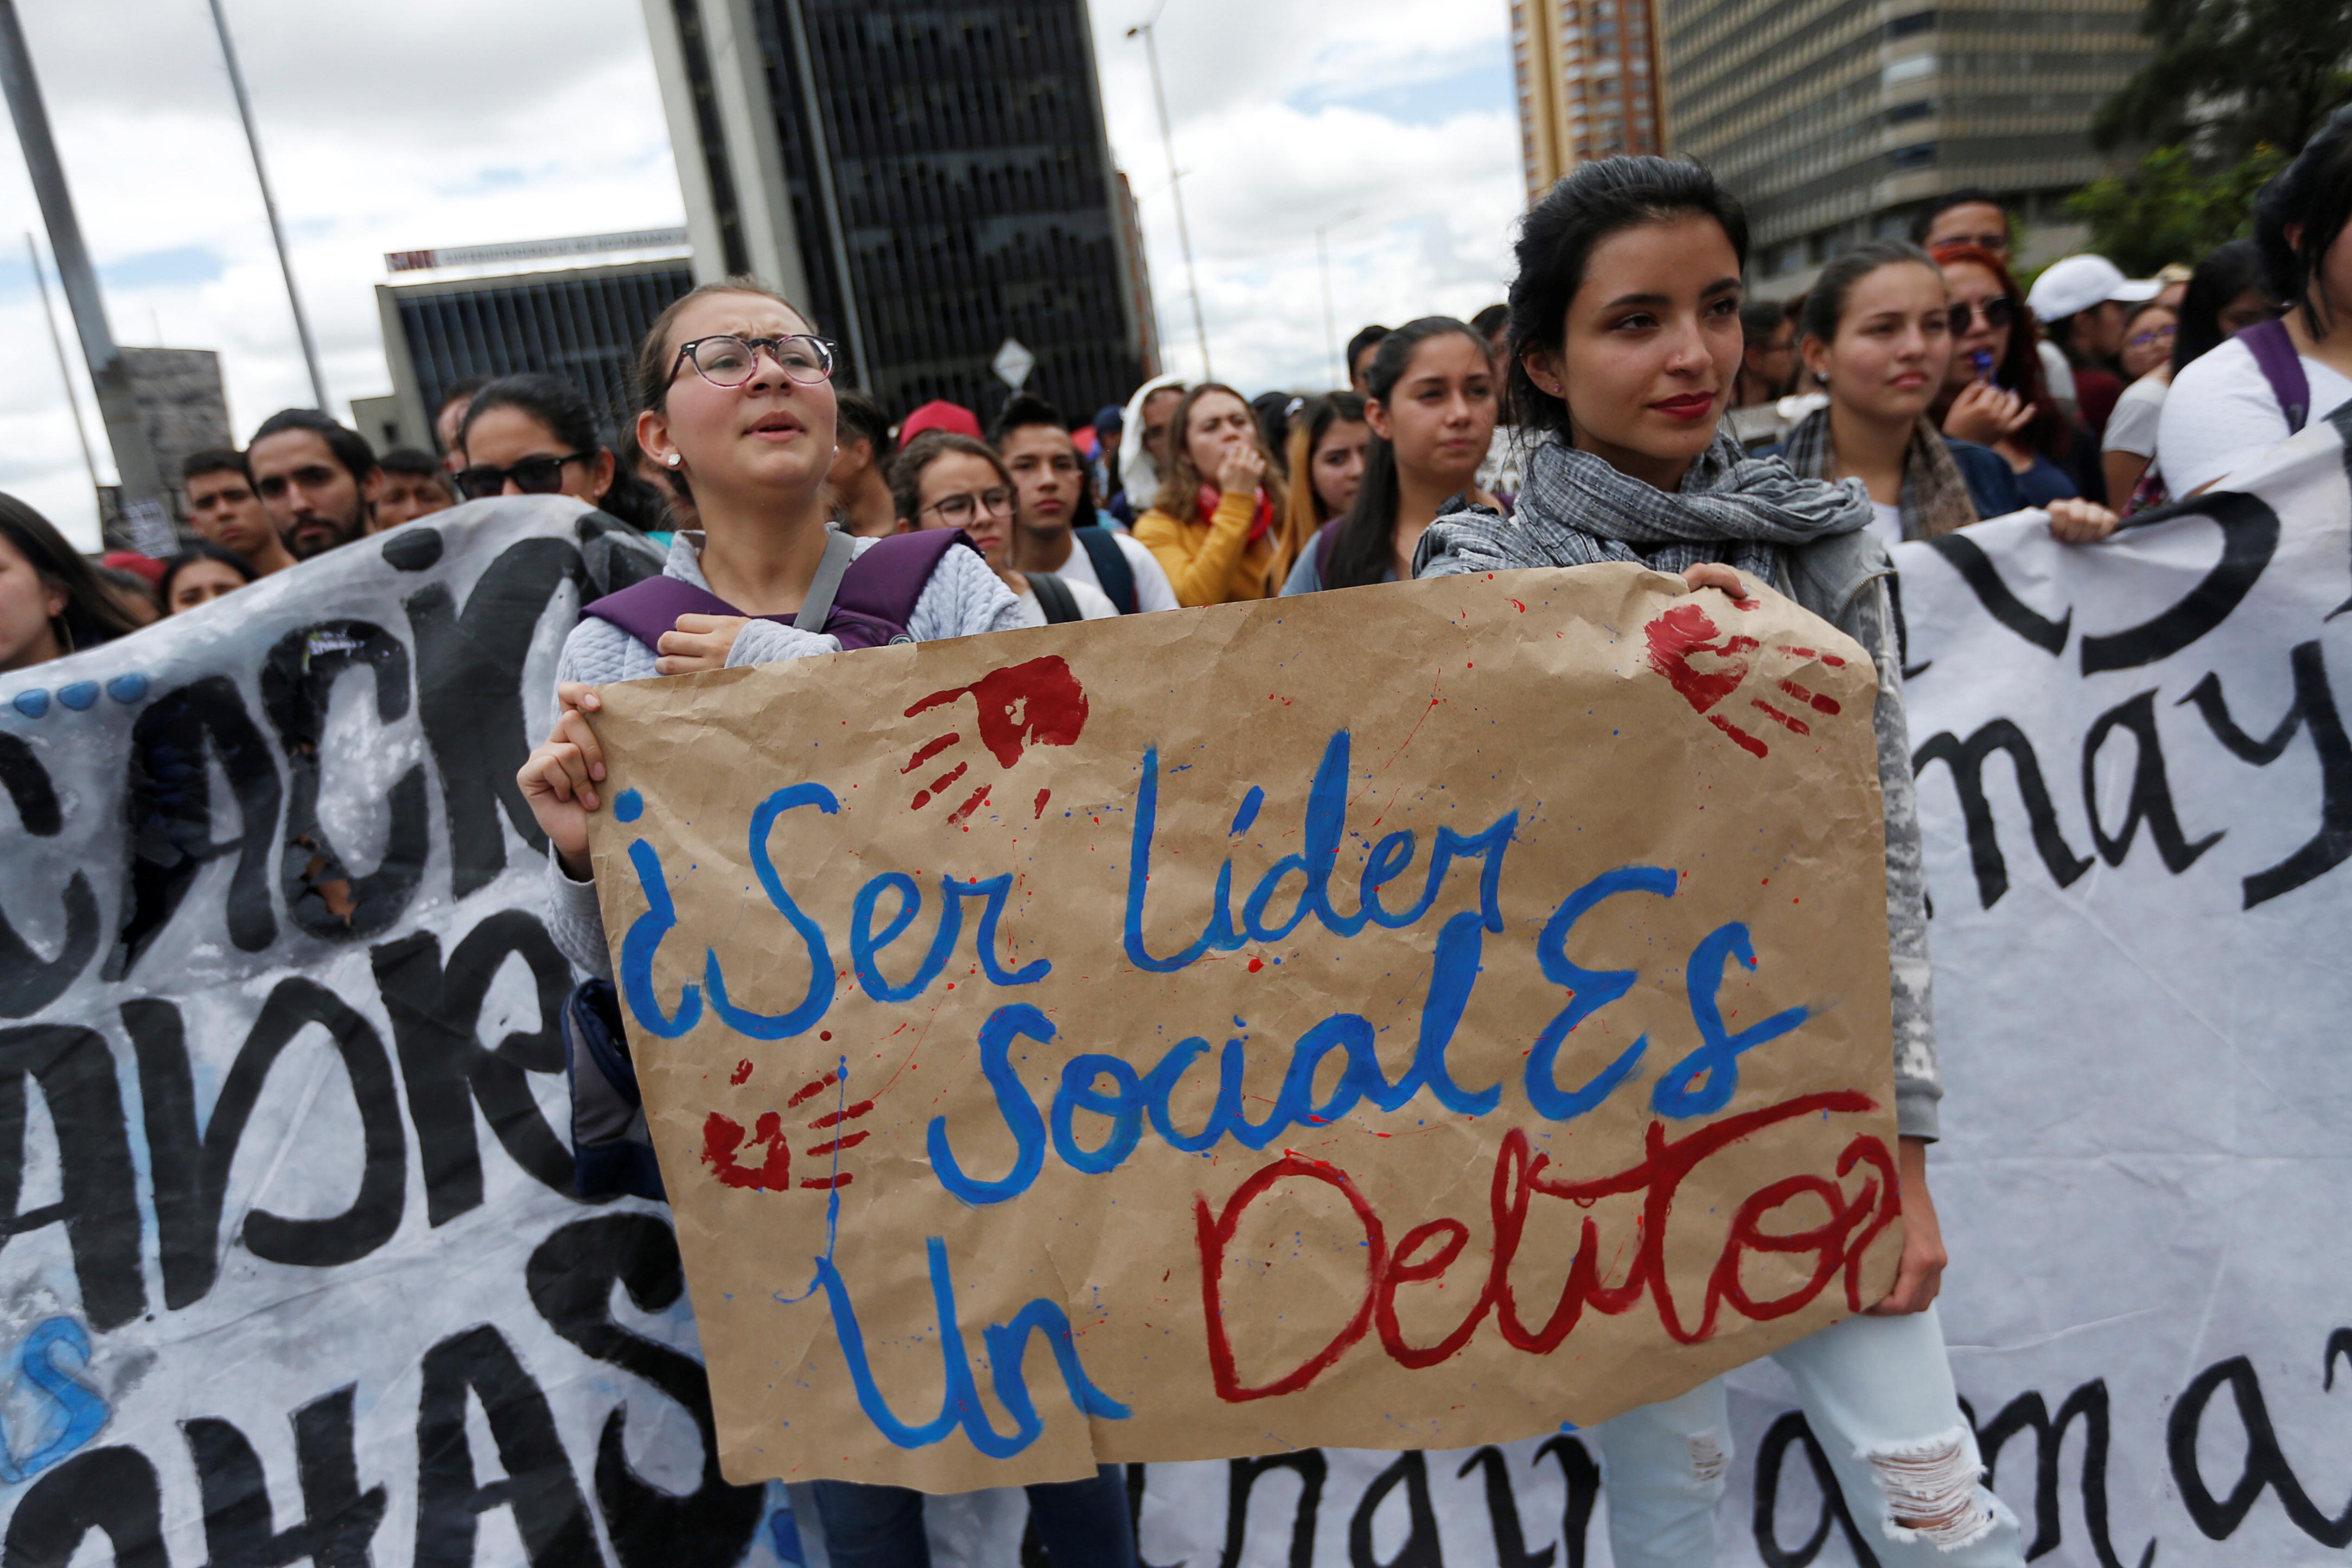 2708859-جانب-من-الاحتجاجات-والعنف-فى-كولومبيا-(3)